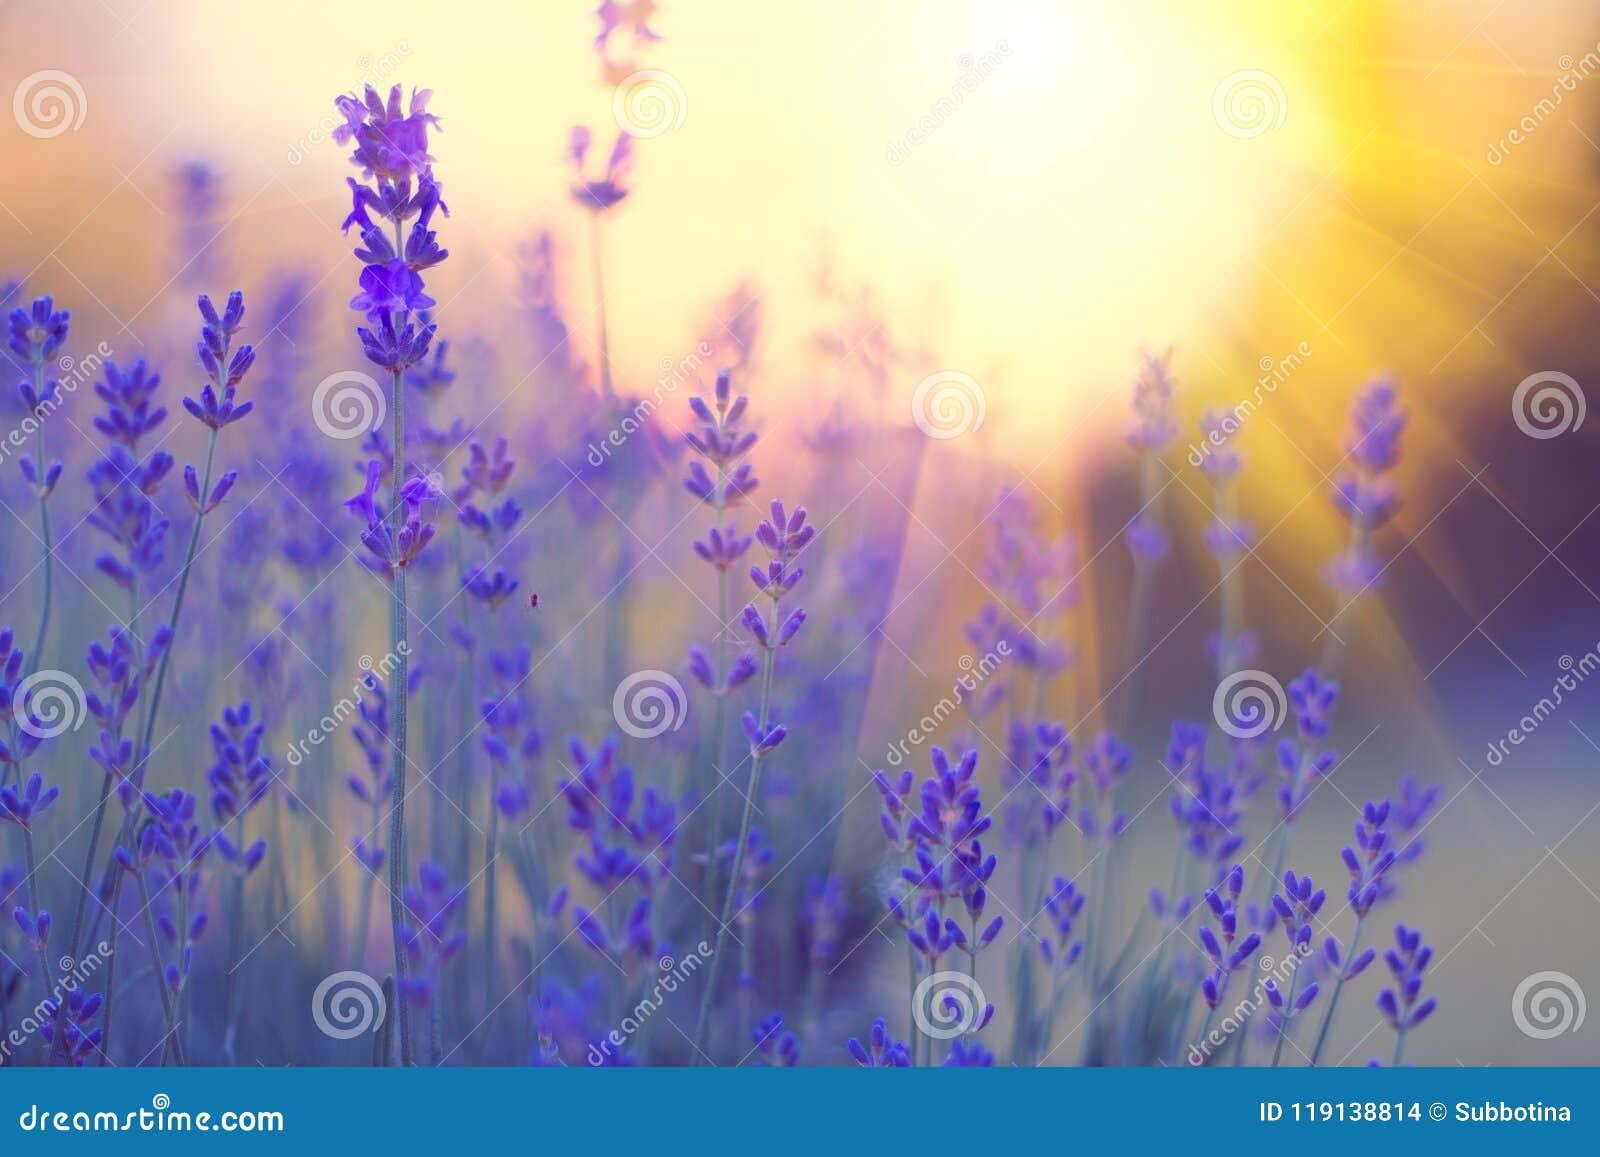 El campo de la lavanda, lavanda fragante violeta floreciente florece Lavanda creciente que se sacude en el viento sobre el cielo